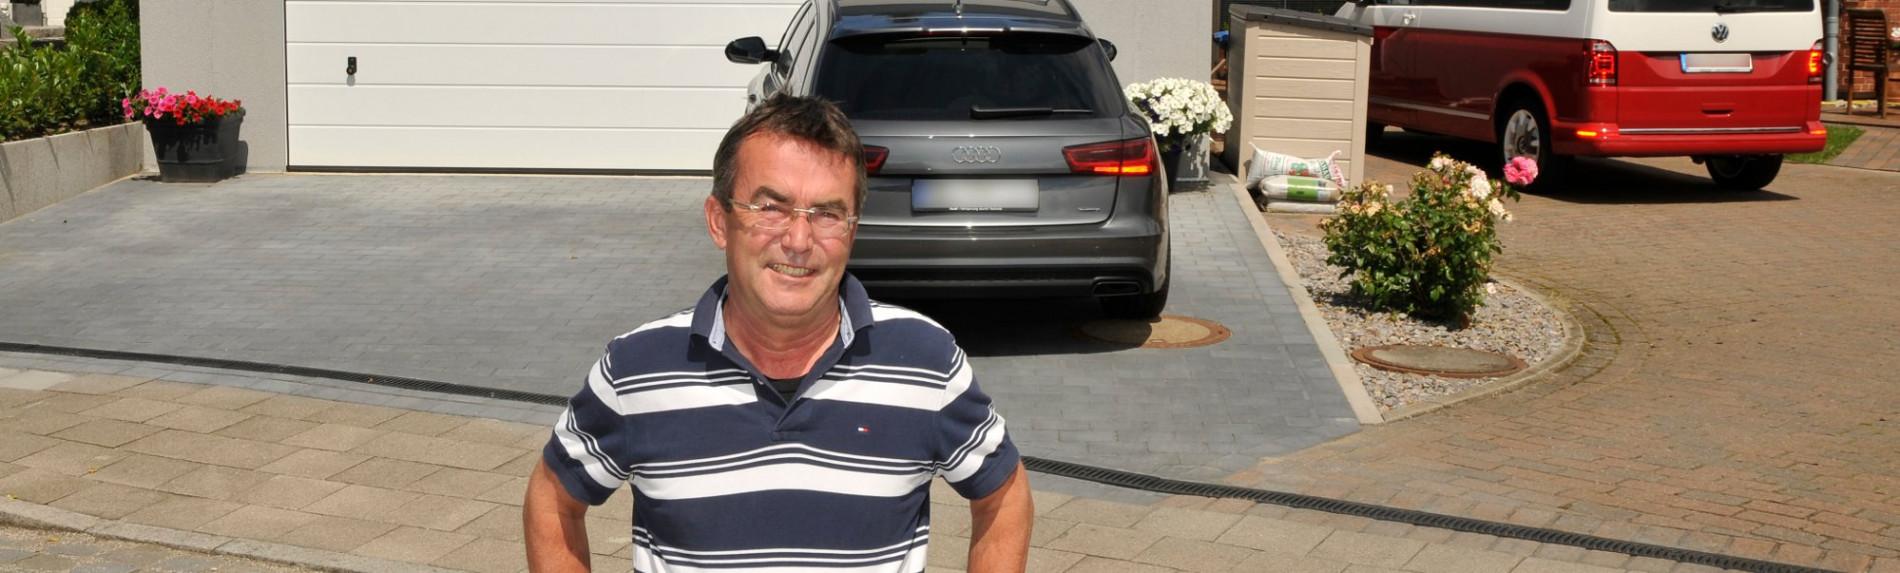 zufriedenen sonnenBatterie Kunde vor seiner Garage